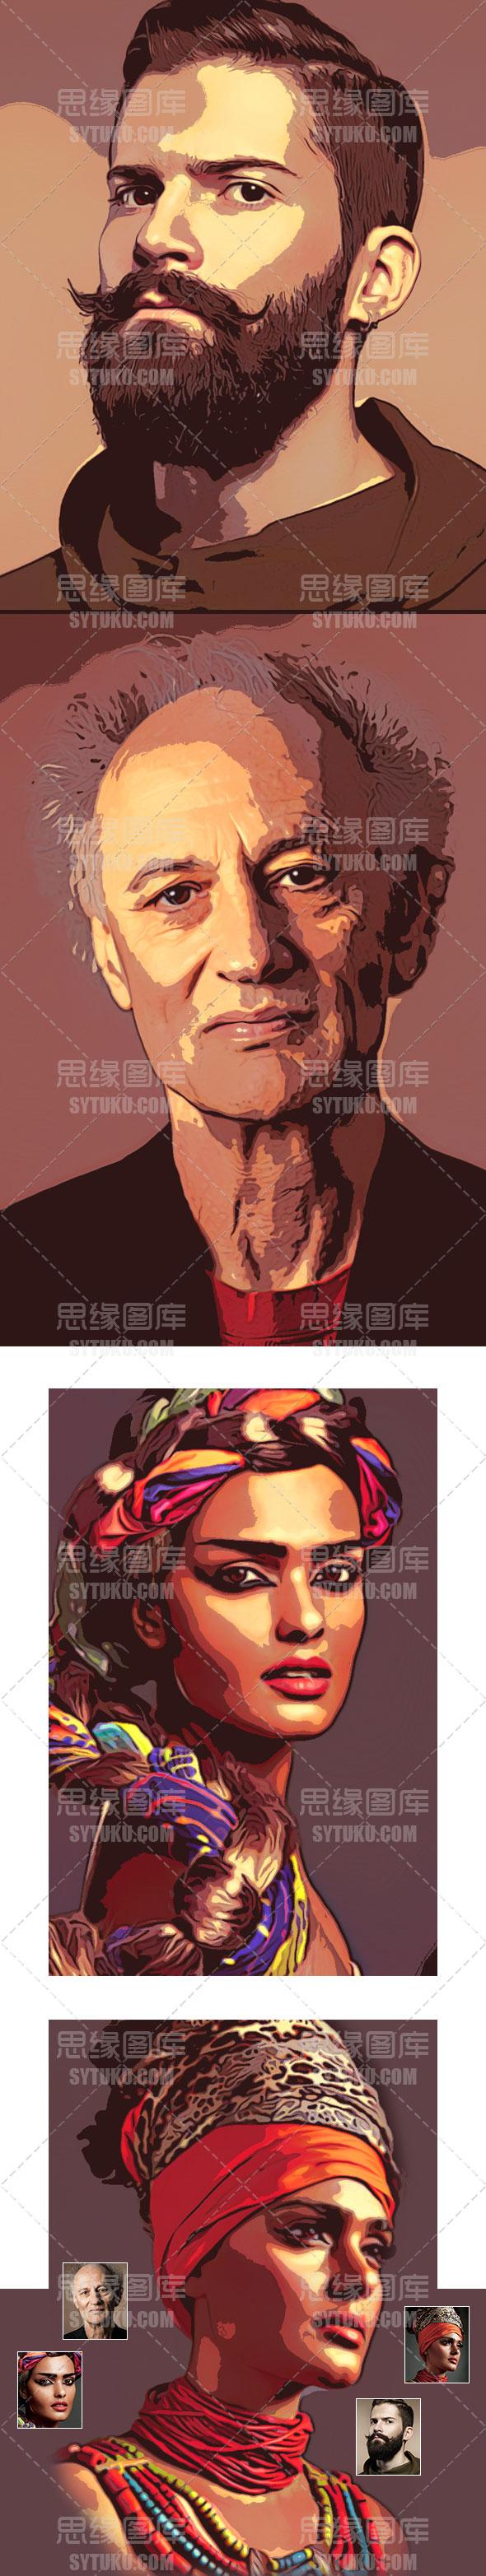 人像矢量插画艺术效果PS中文动作